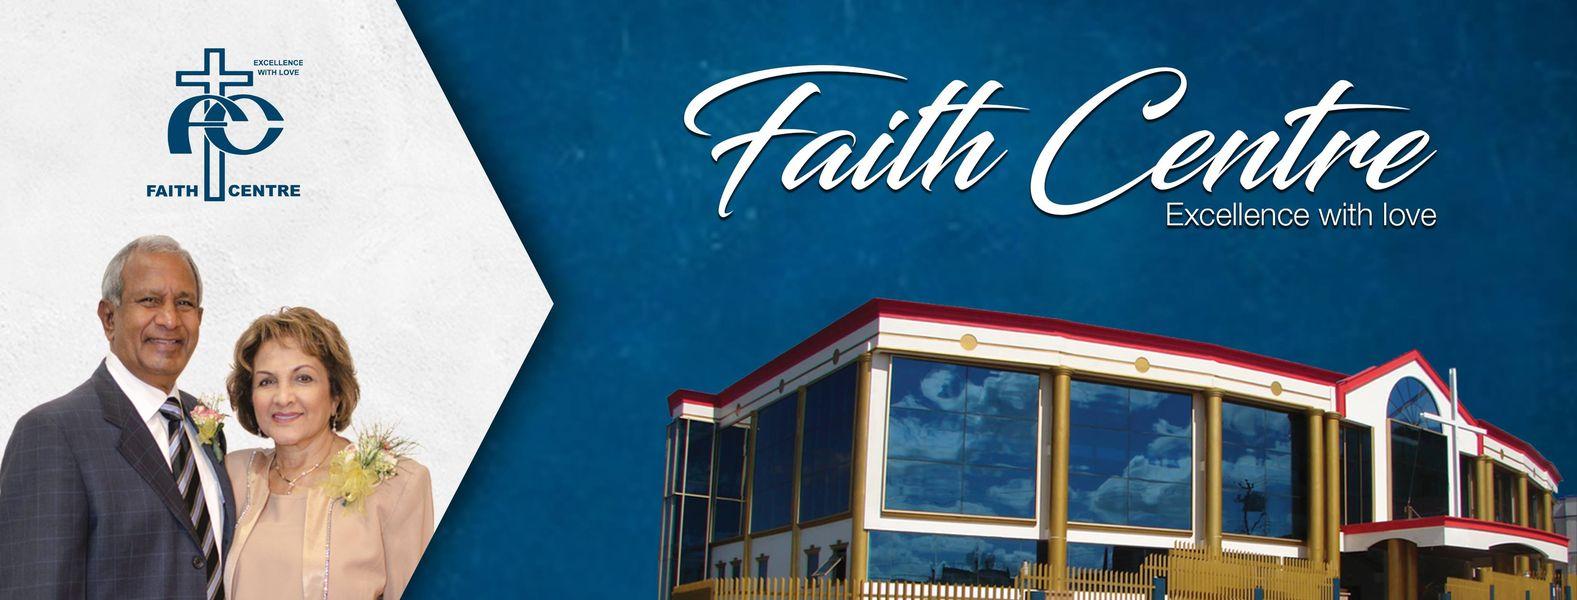 Faith Centre Trinidad